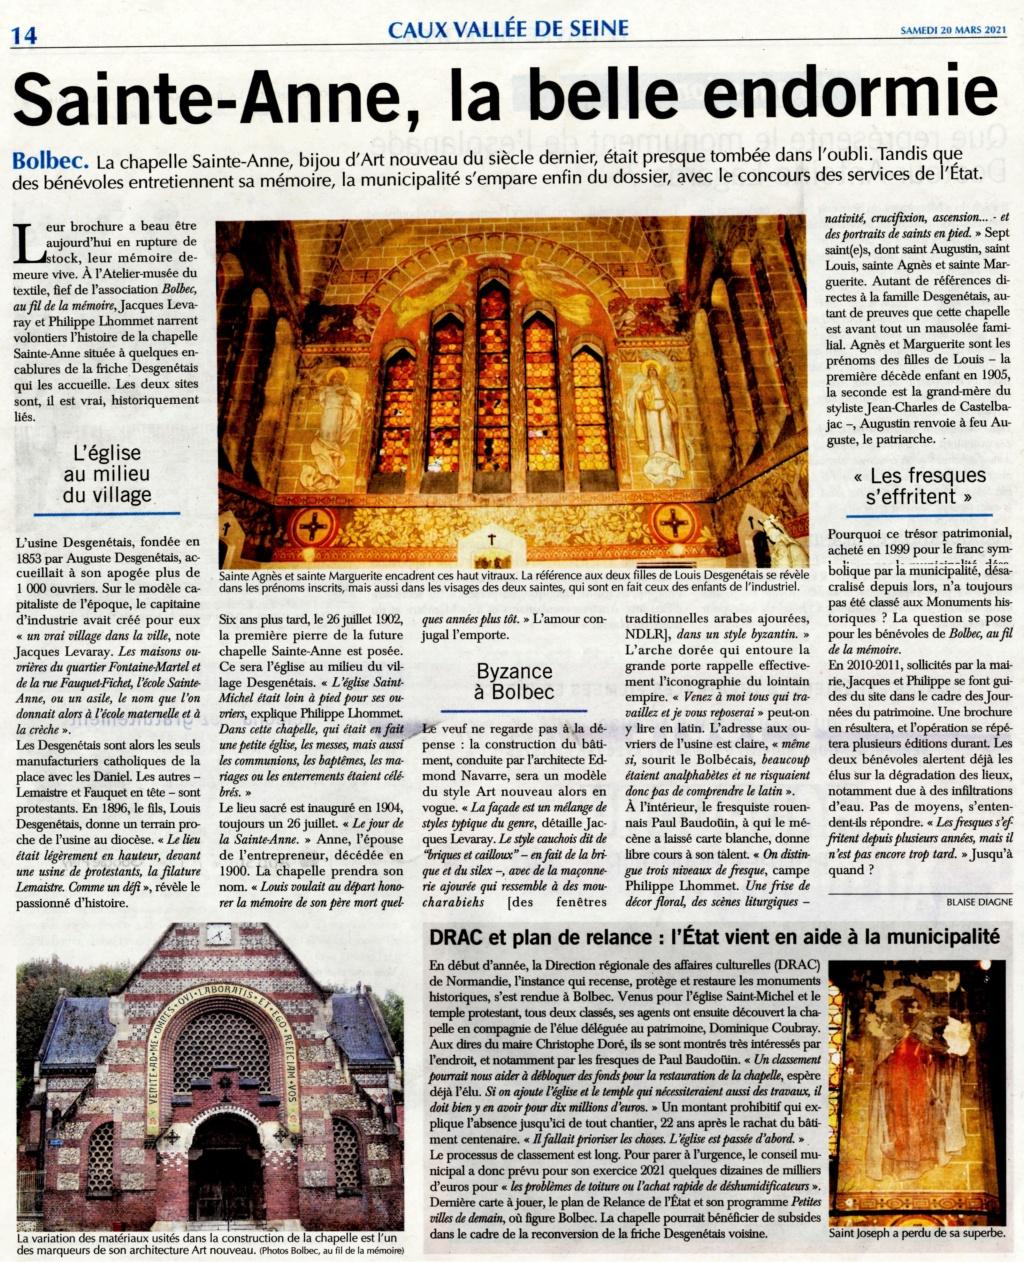 Bolbec - Chapelle Sainte-Anne, la belle endormie 2021-021